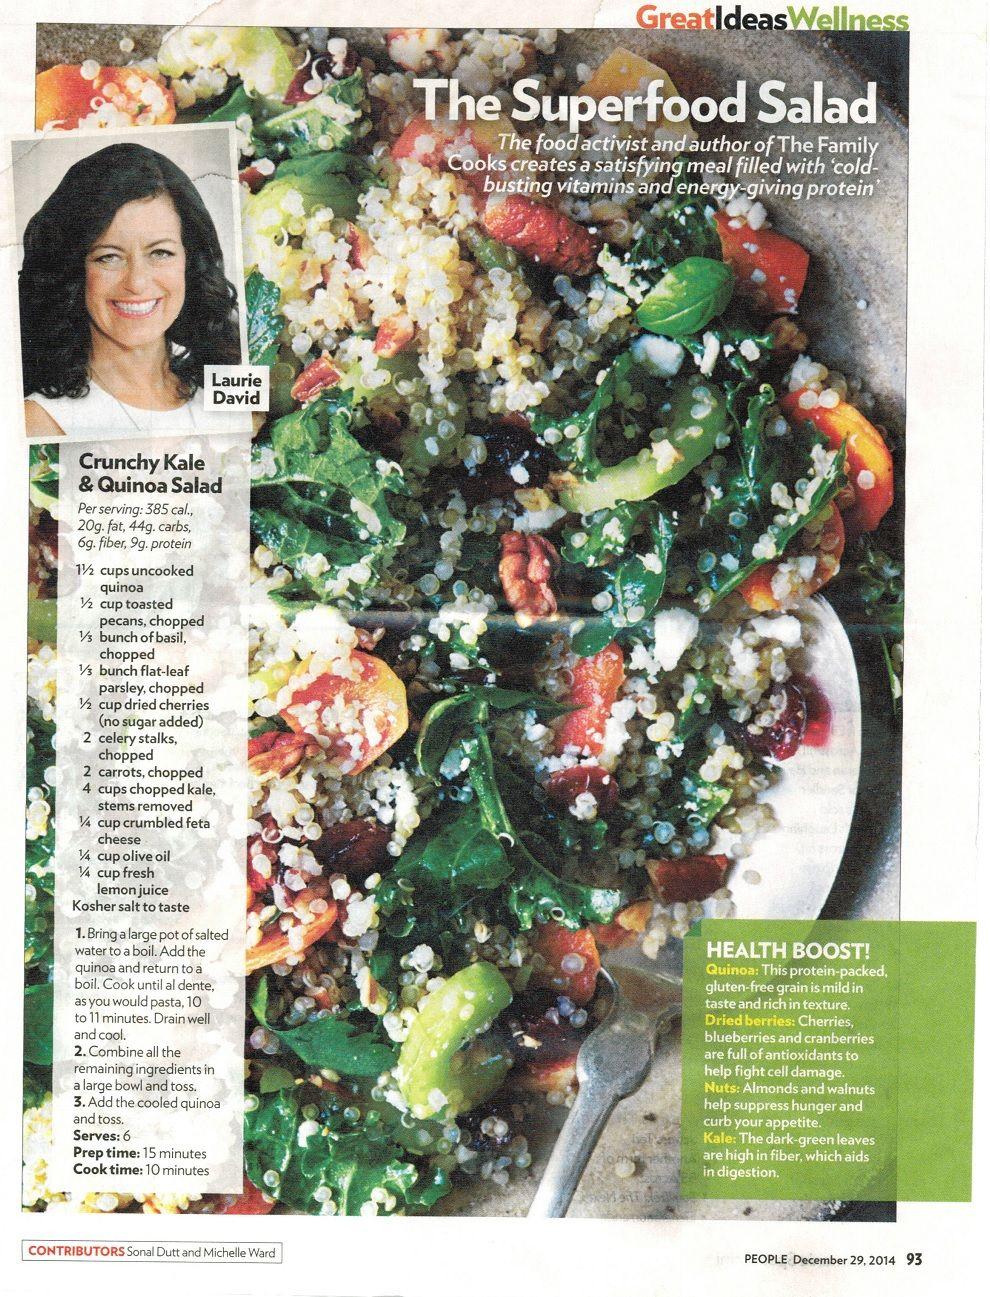 Kale & quinoa super salad